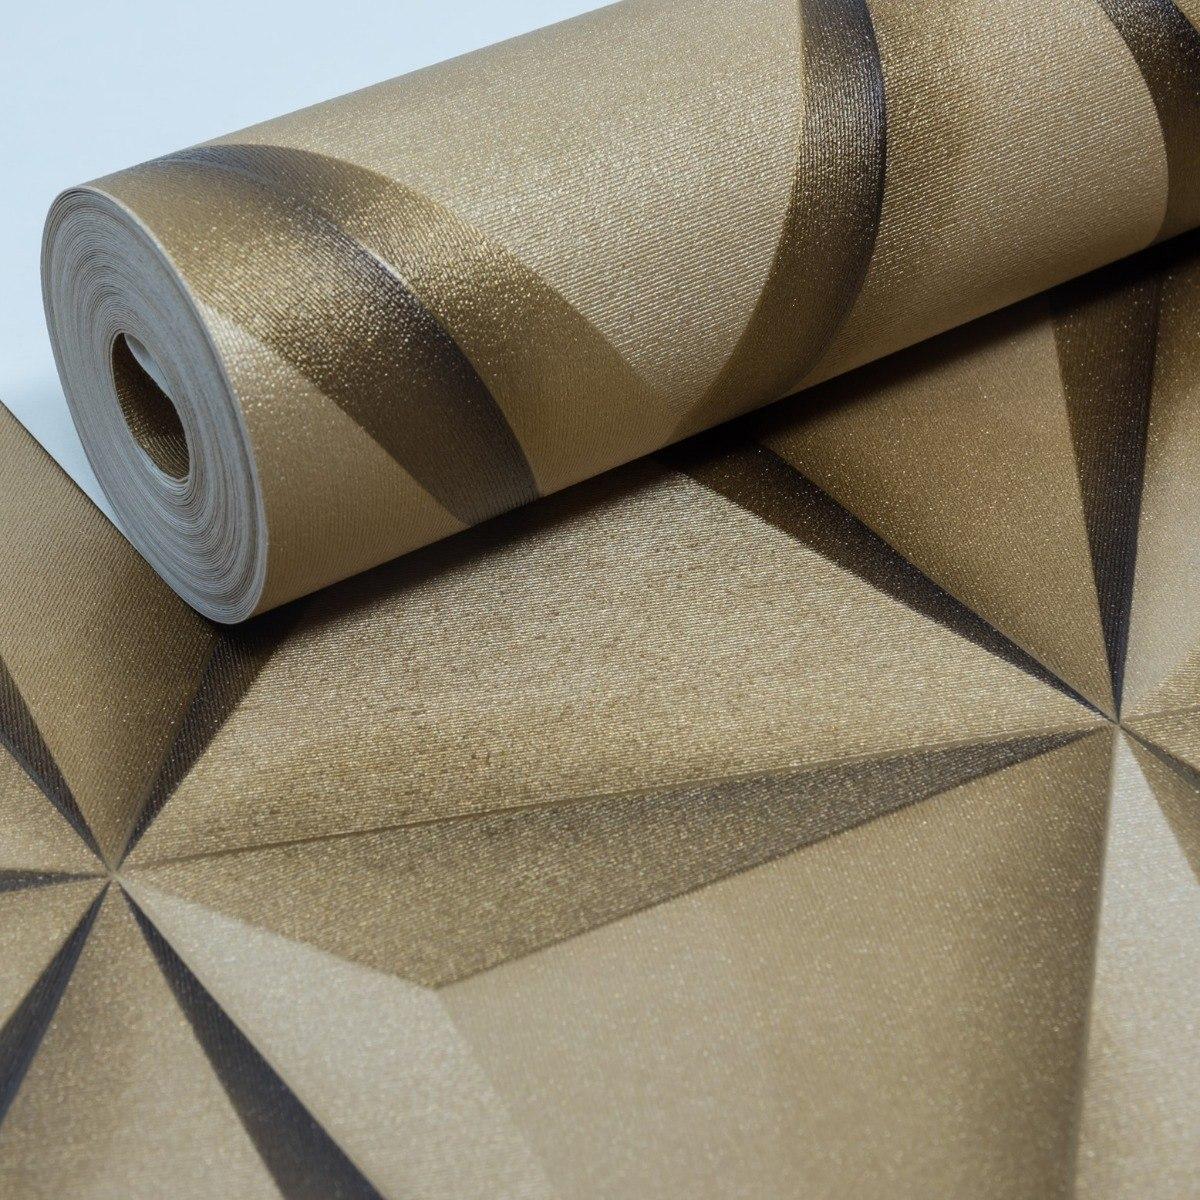 48defc496 papel de parede vinílico lavável geométrico 3d dourado. Carregando zoom.